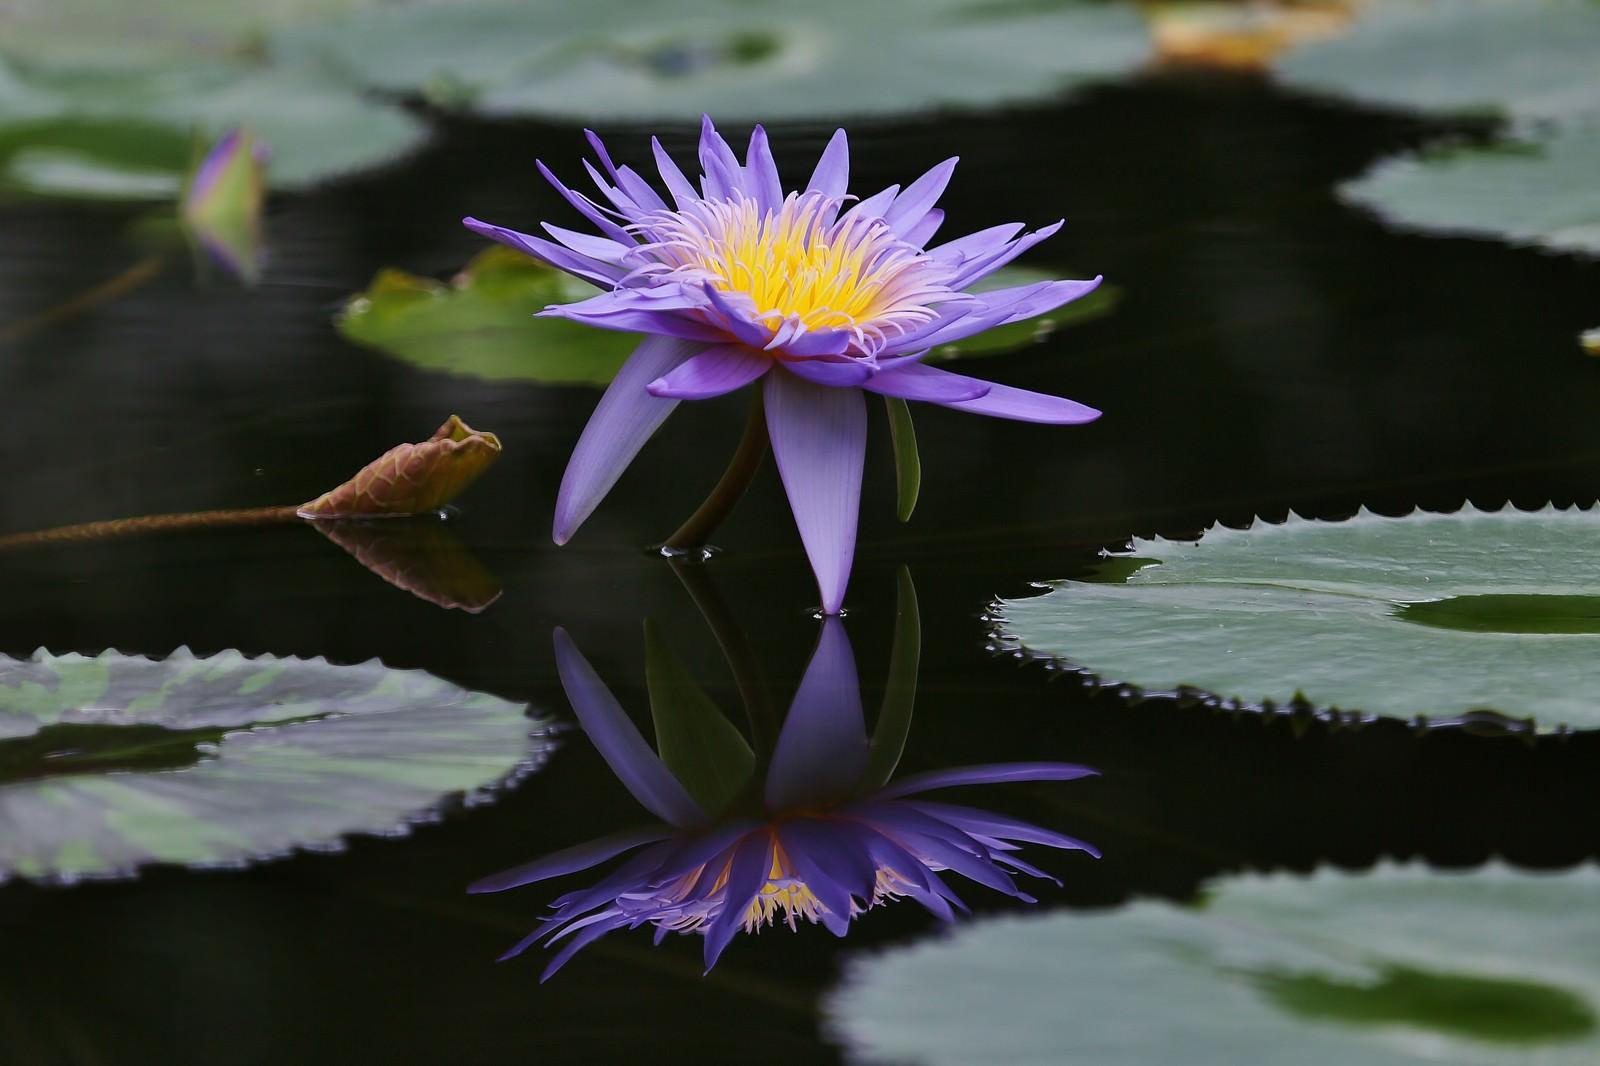 「池に浮かぶ紫の睡蓮」の写真